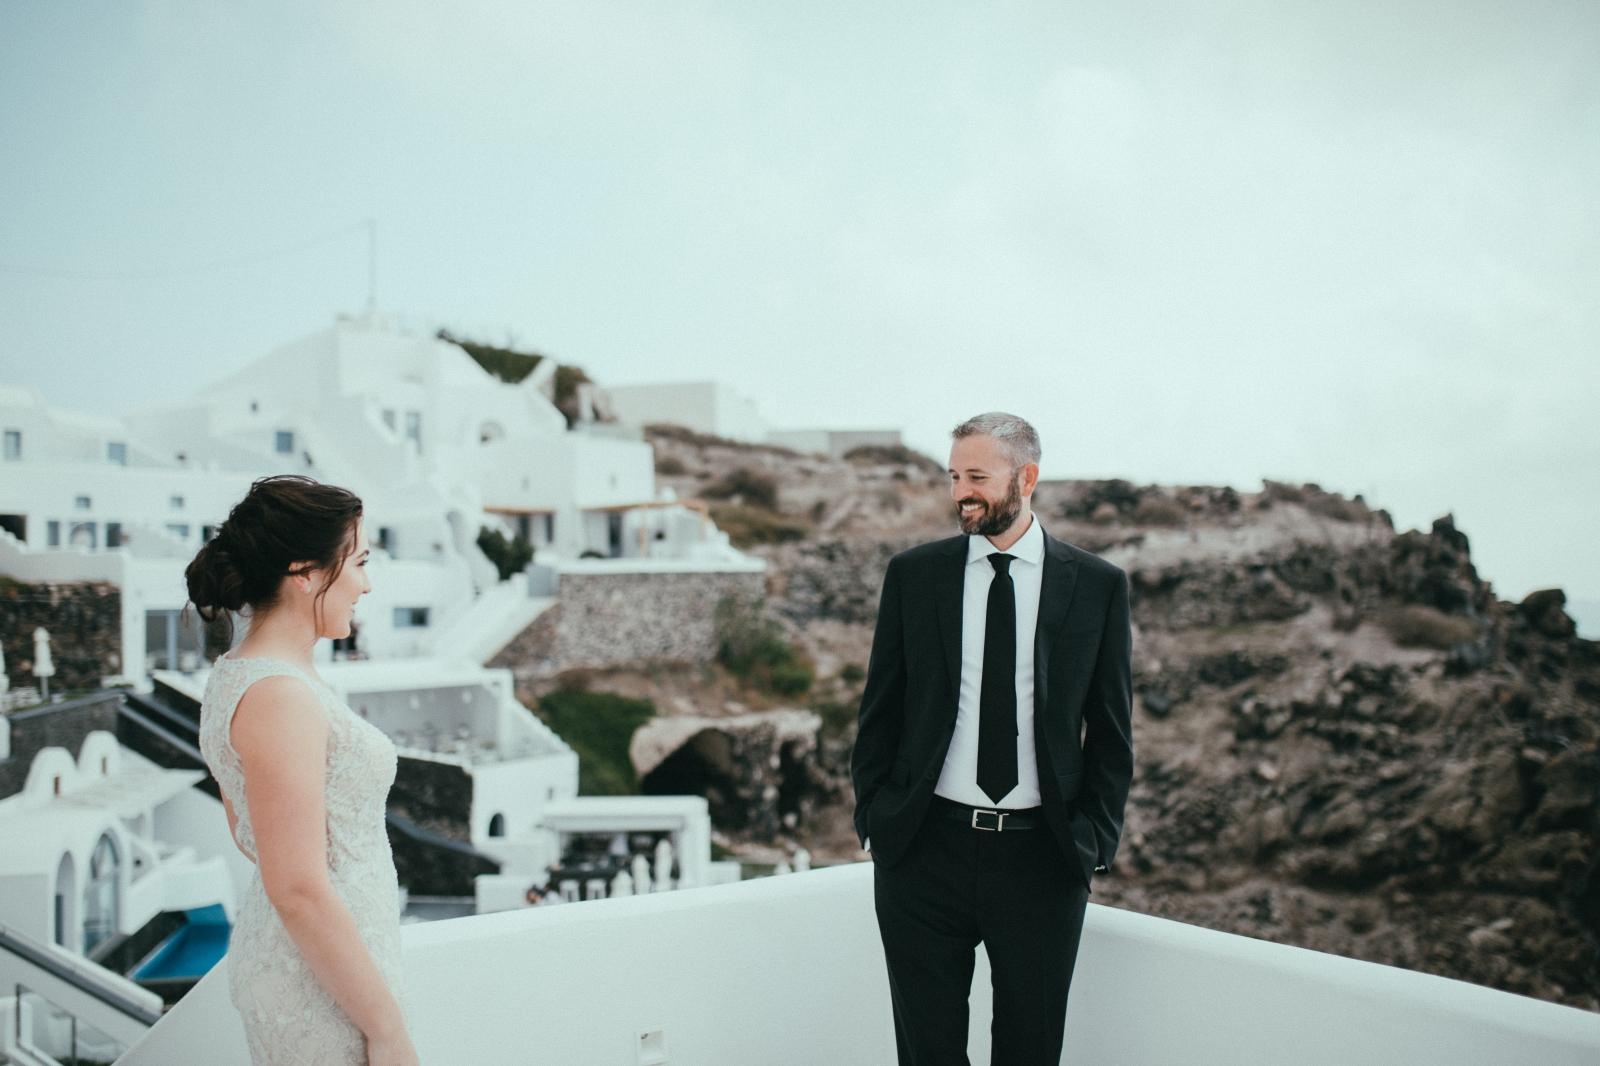 santorini-wedding-photographer12.jpg